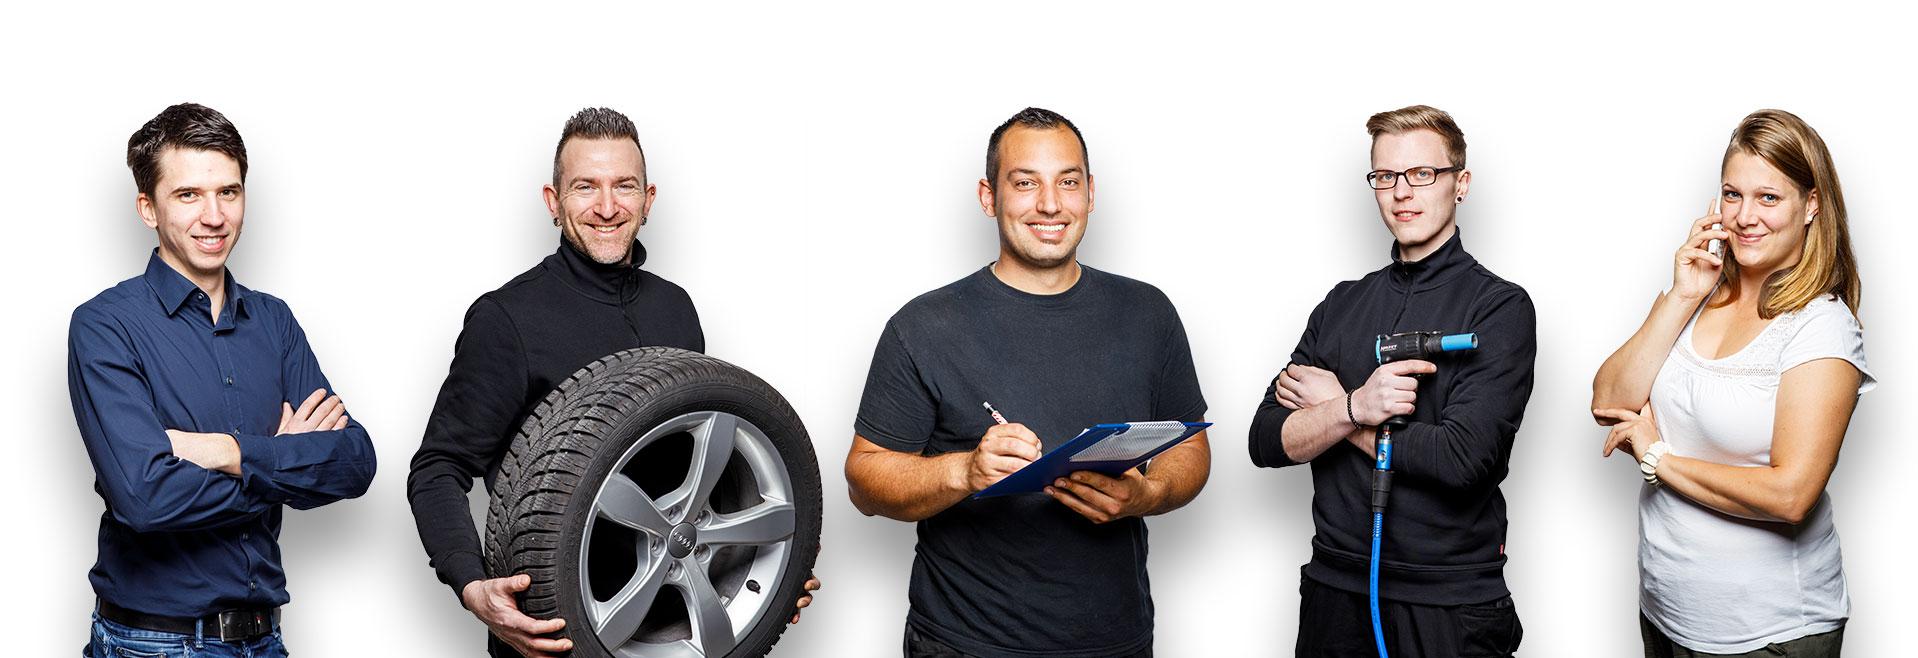 Engel-Reifenservice Team für den Reifenwechsel aus Bretten